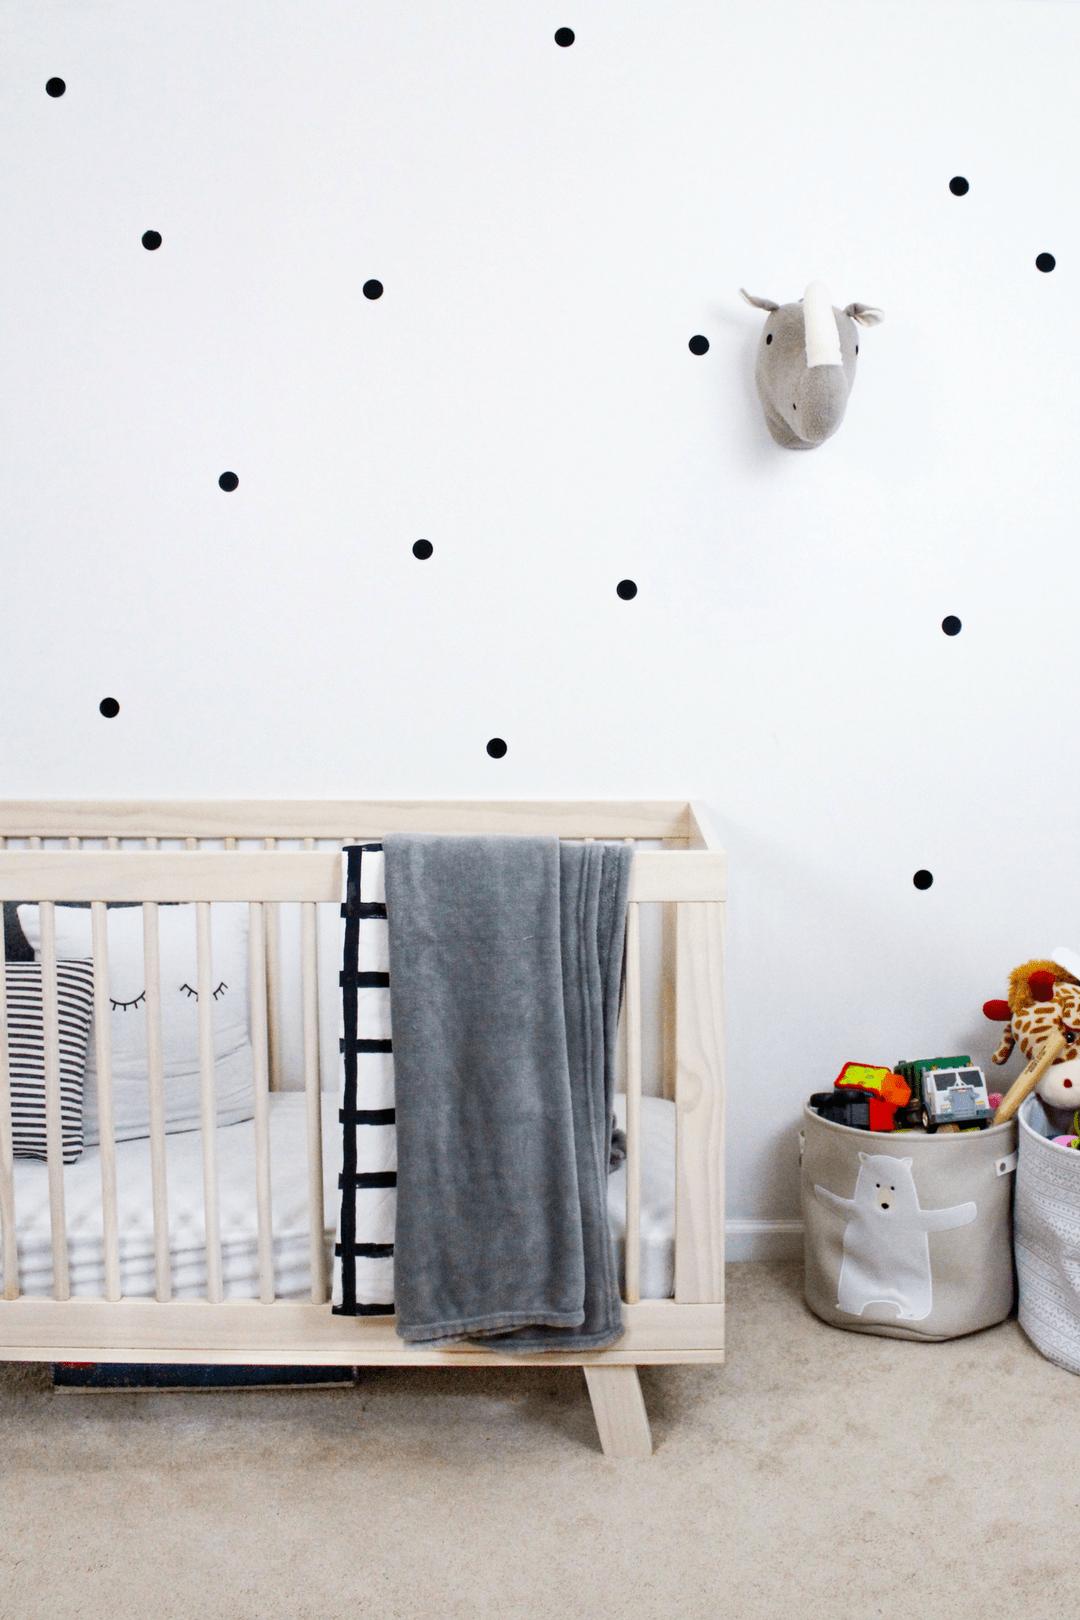 Polka dot nursery wall